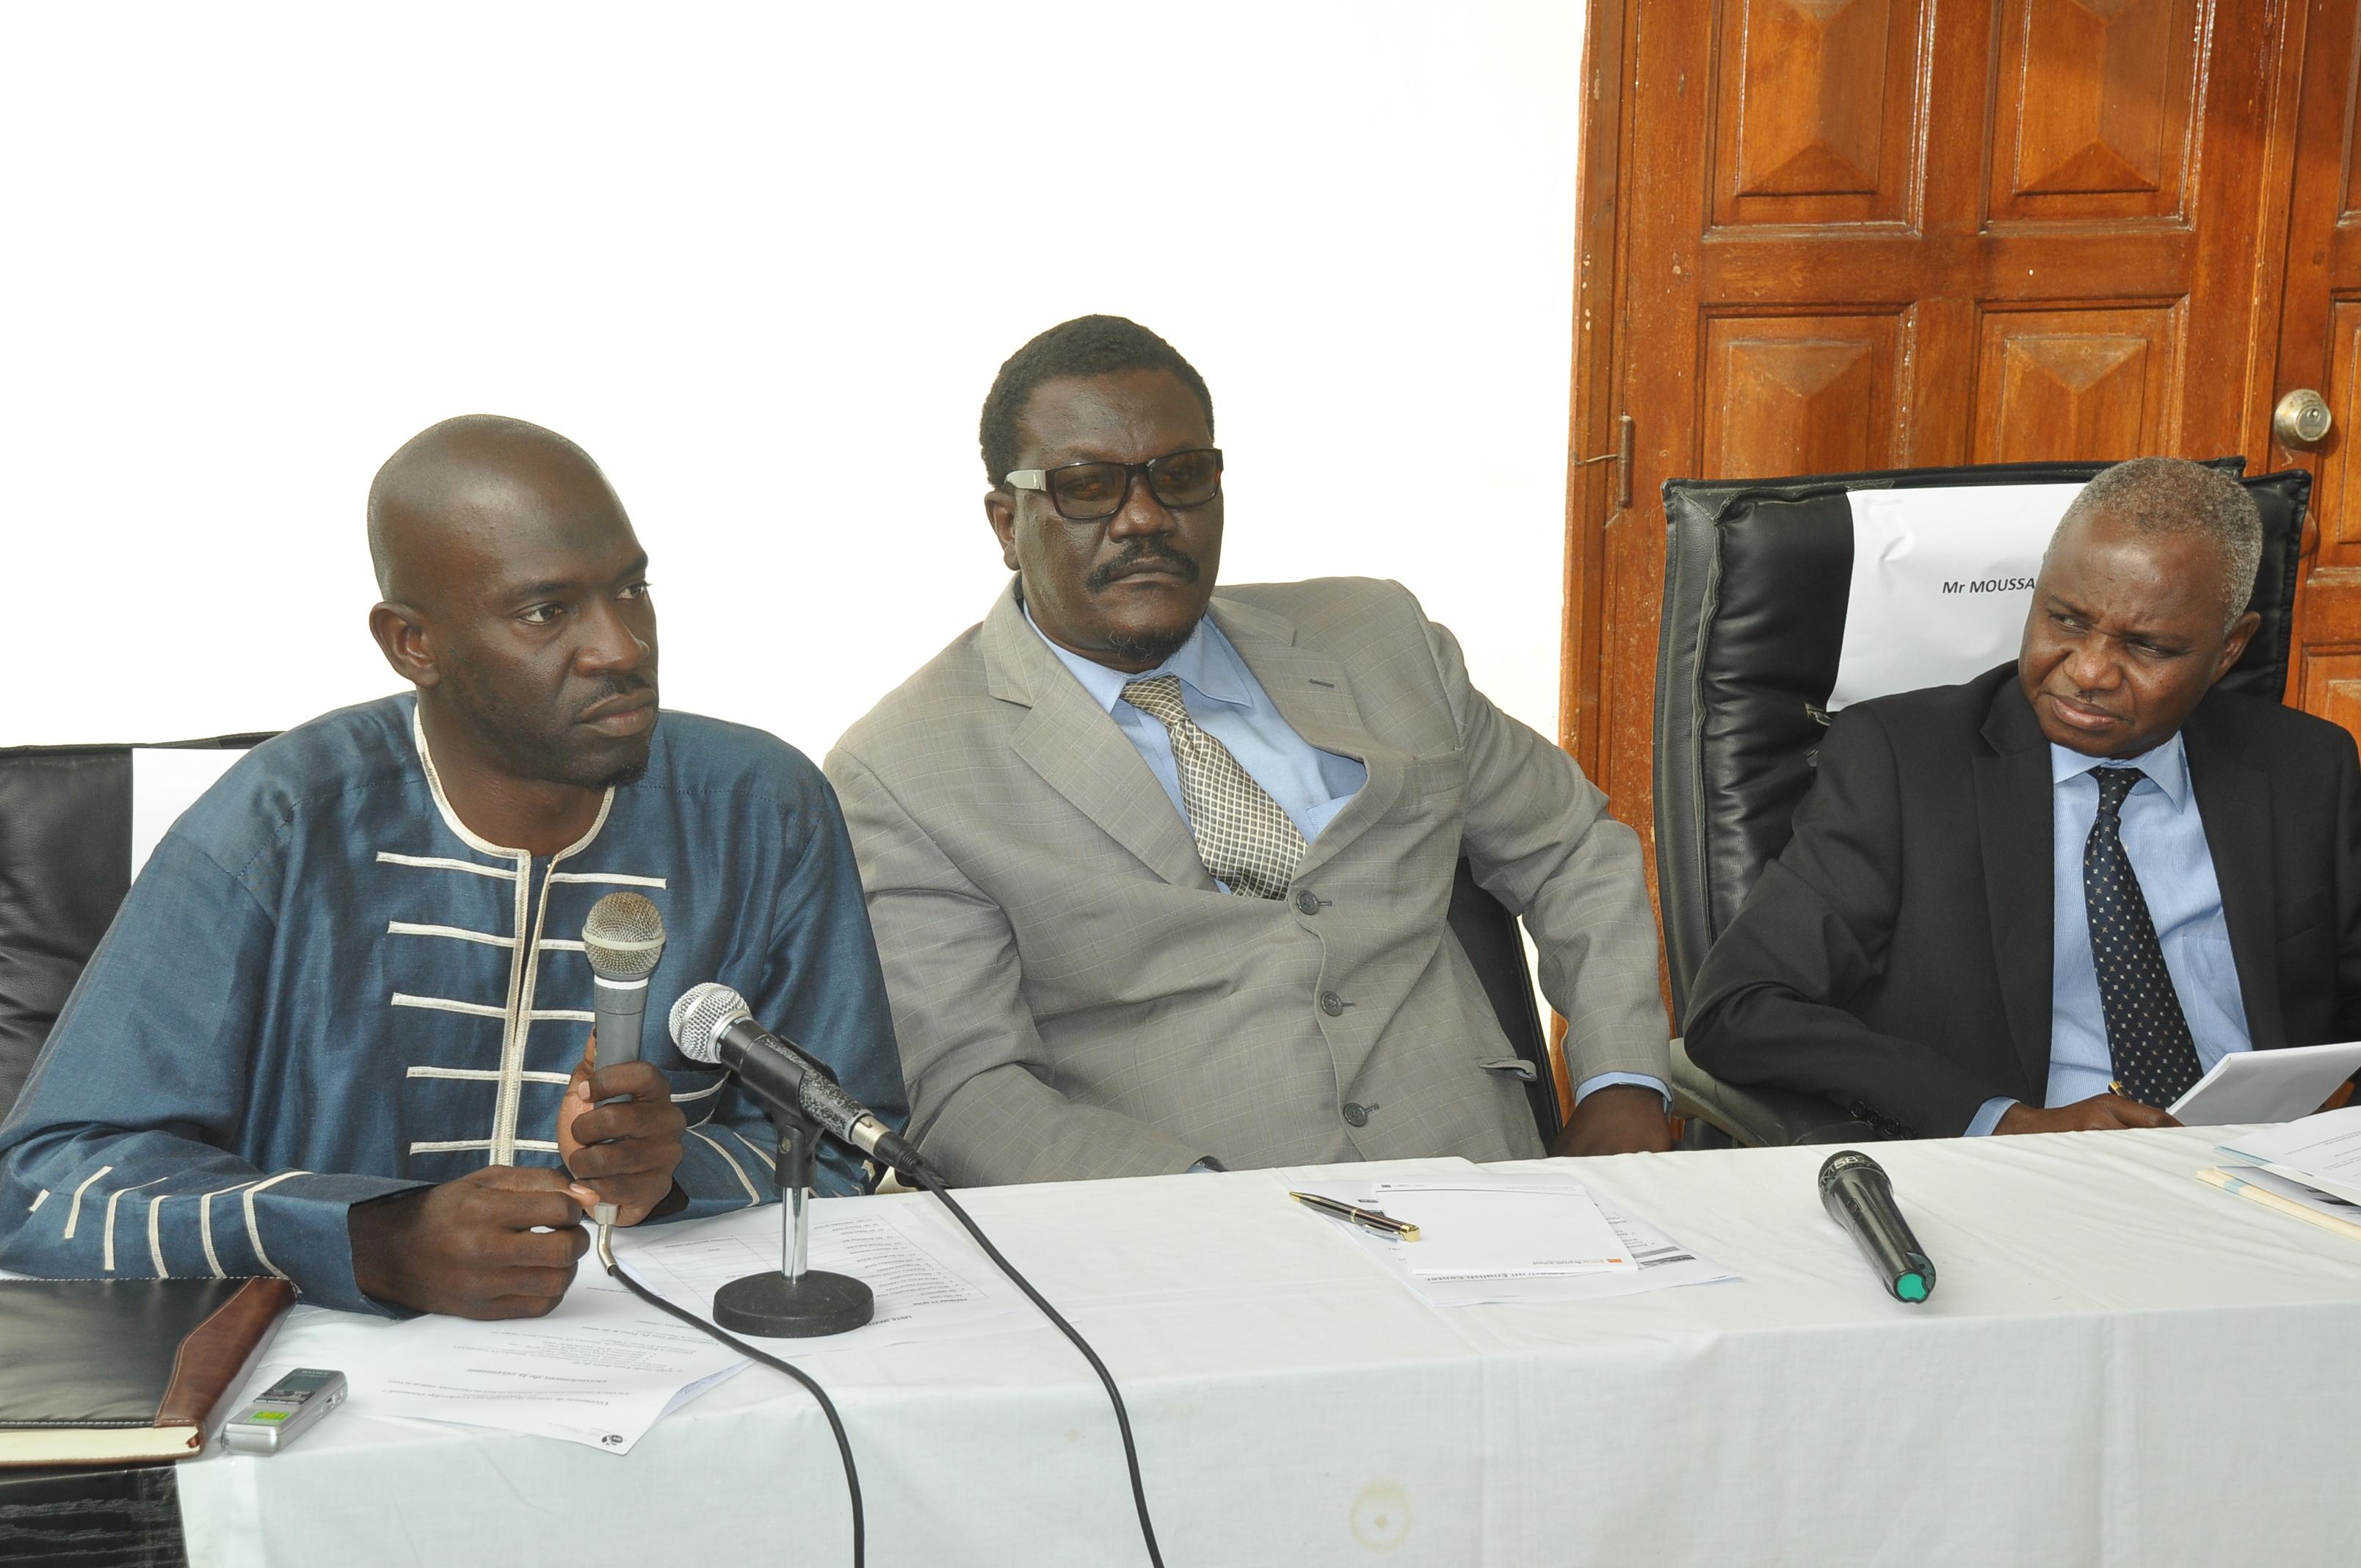 Enseignement, recherche et formation: des professeurs s'engagent au développement économique du Sénégal et de l'Afrique